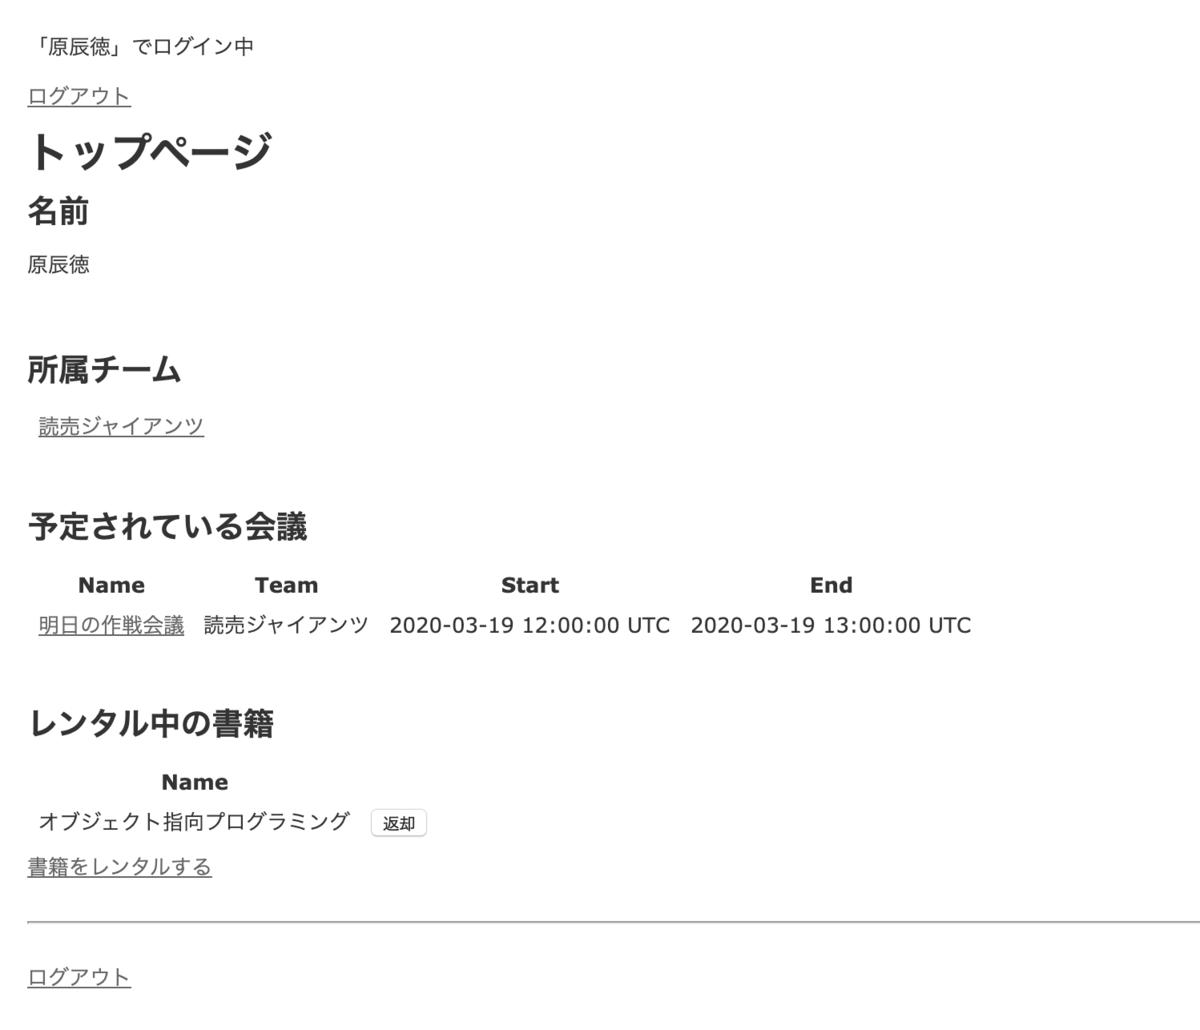 f:id:tatehito-st:20200403224732p:plain